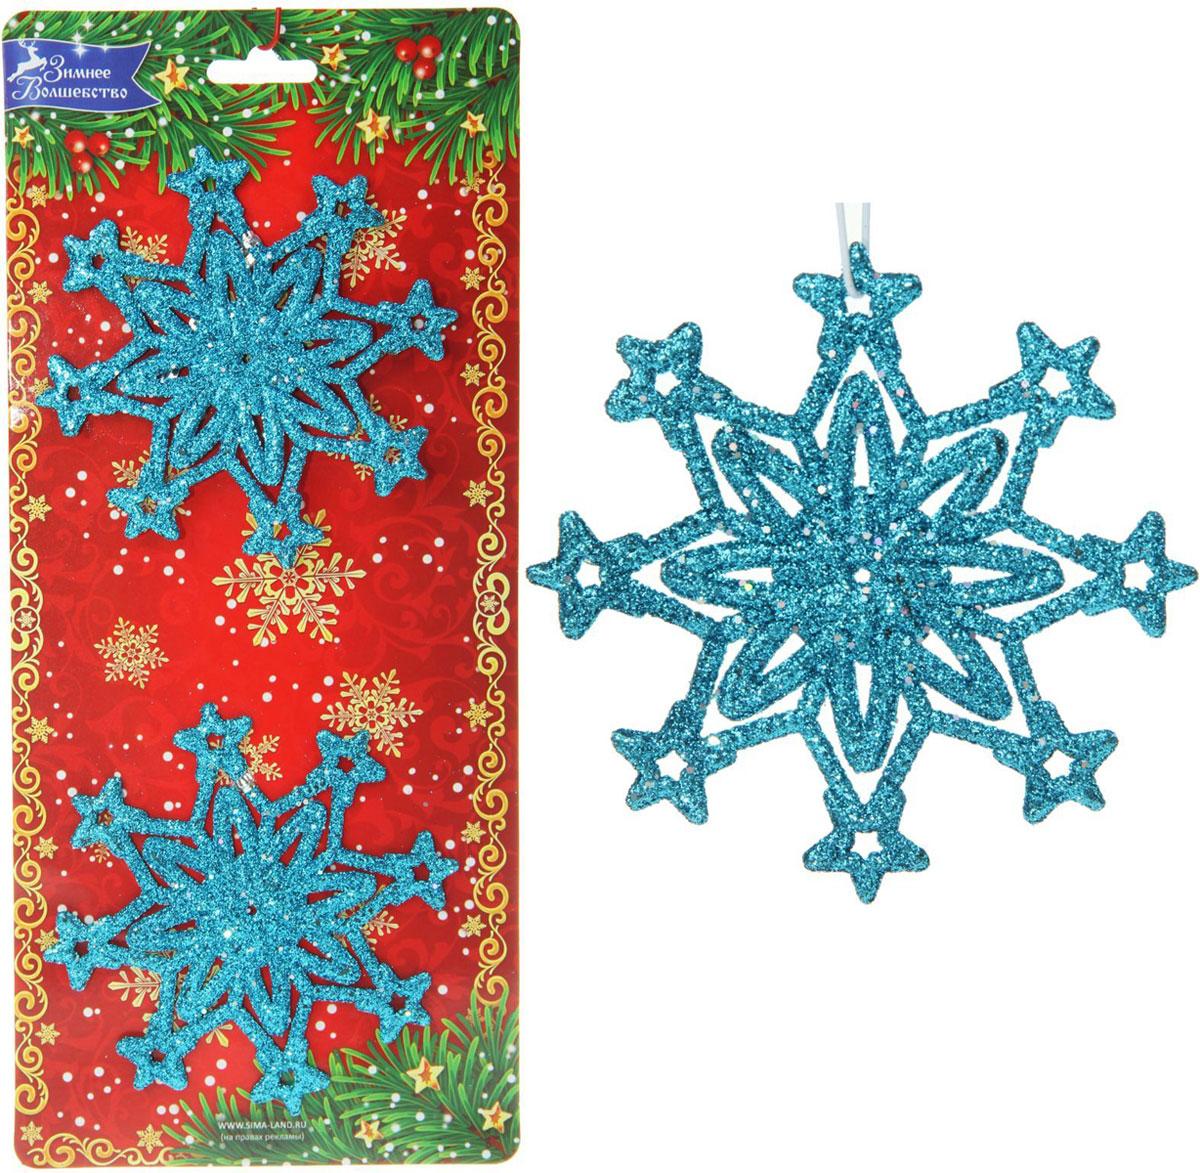 Новогоднее подвесное украшение Sima-land Синие снежинки, 10 х 10 см, 2 шт1399799Новогоднее украшение Sima-land отлично подойдет для декорации вашего дома и новогодней ели.Елочная игрушка - символ Нового года. Она несет в себе волшебство и красоту праздника. Такое украшение создаст в вашем доме атмосферу праздника, веселья и радости.